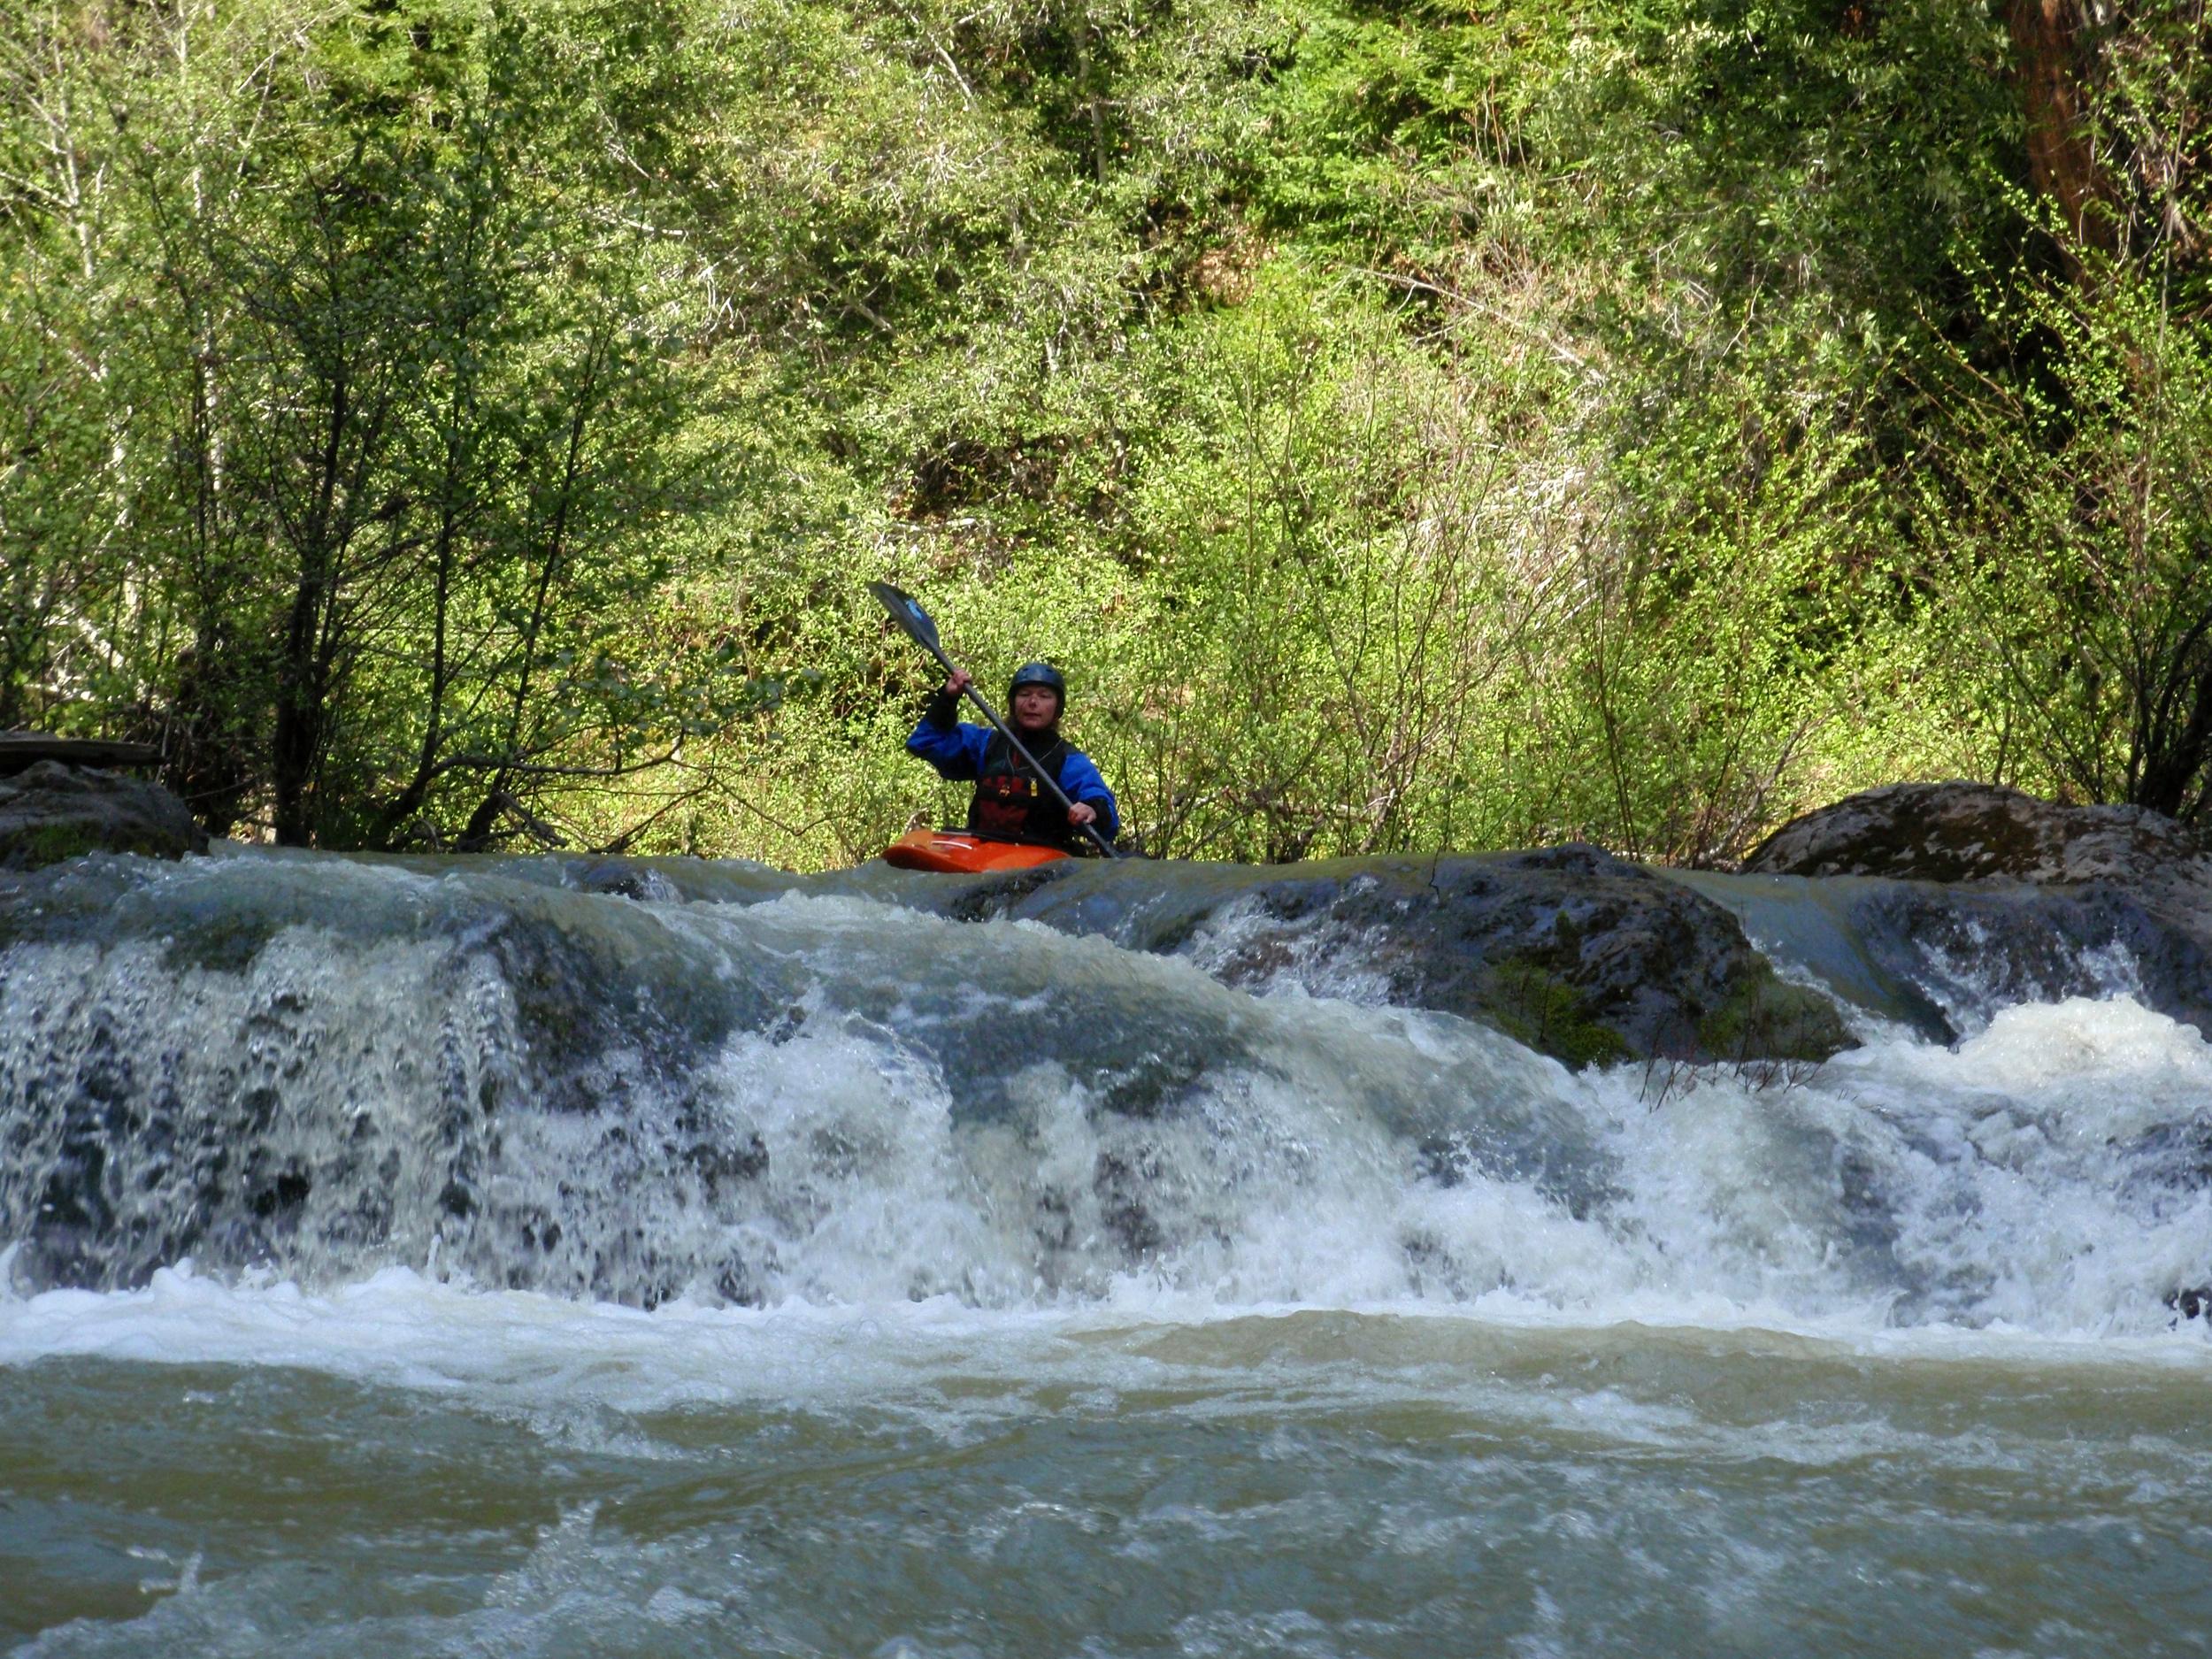 whitewater kayaking on rancheria creek